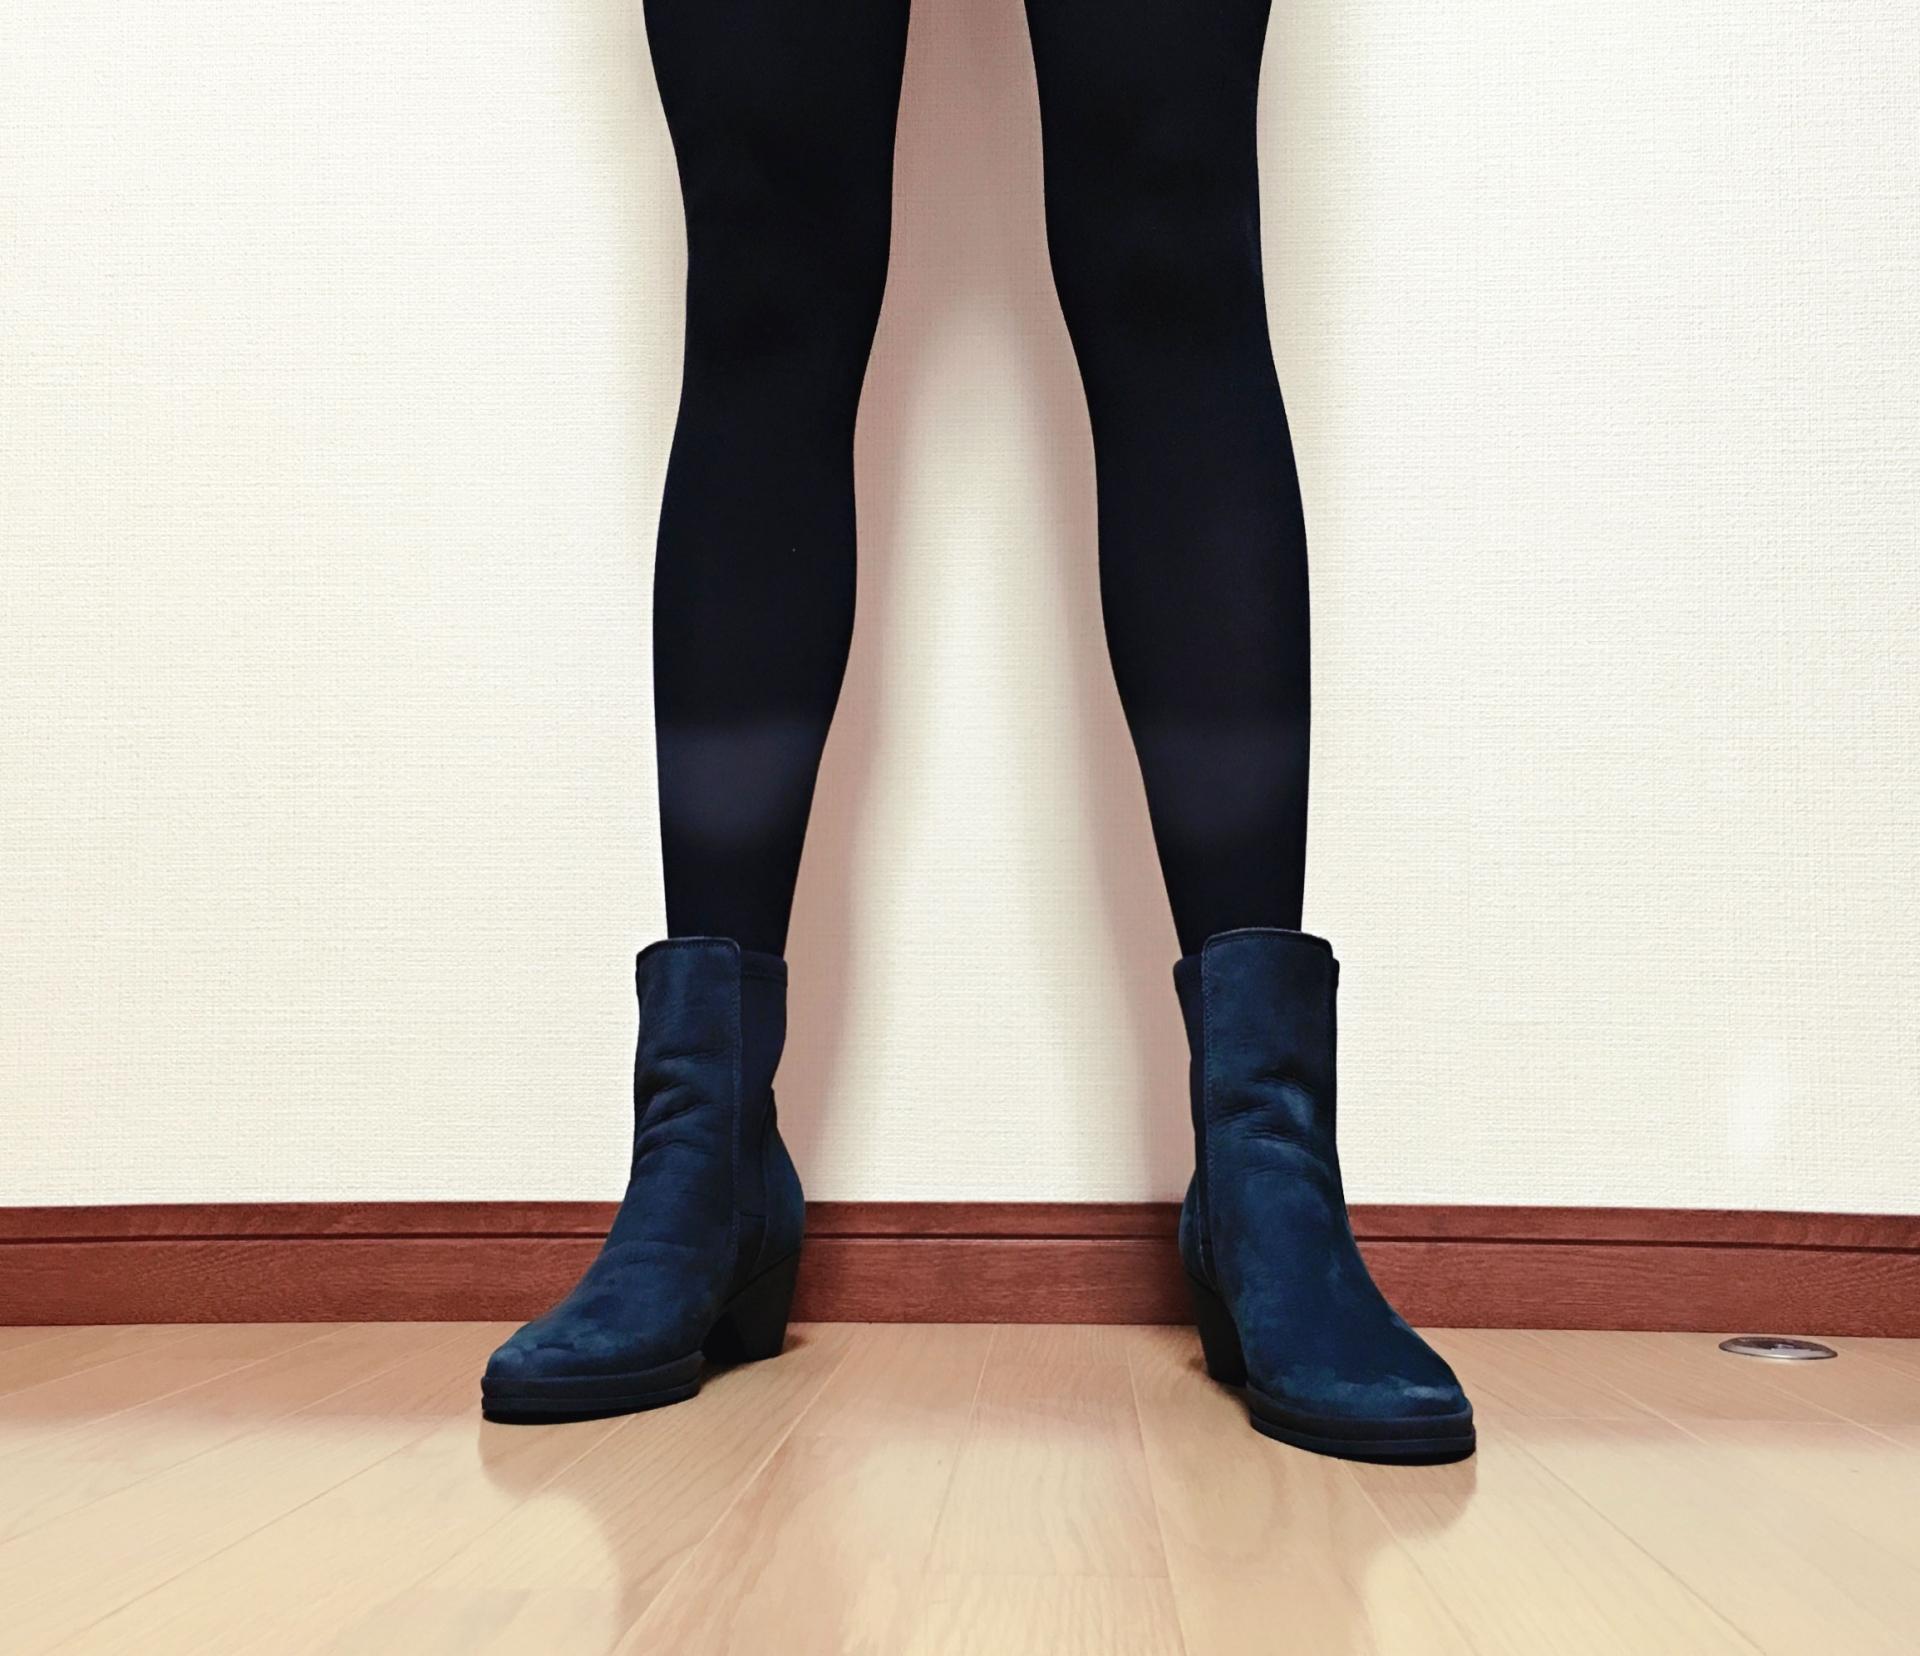 タイツを履いた足